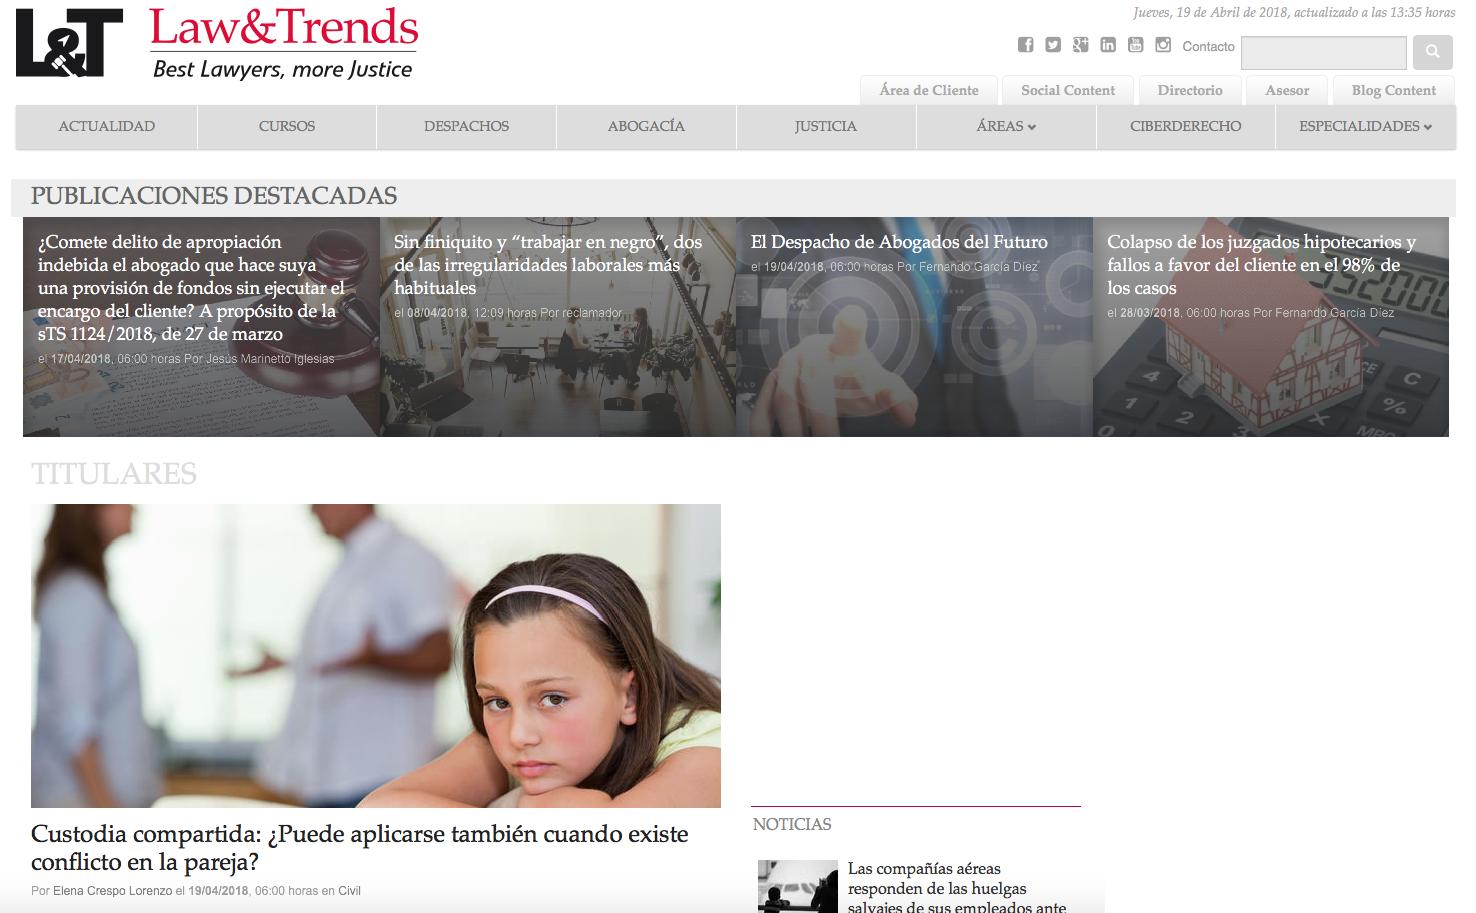 Law-Trends-abogada-Elena-Crespo-custodia-compartida